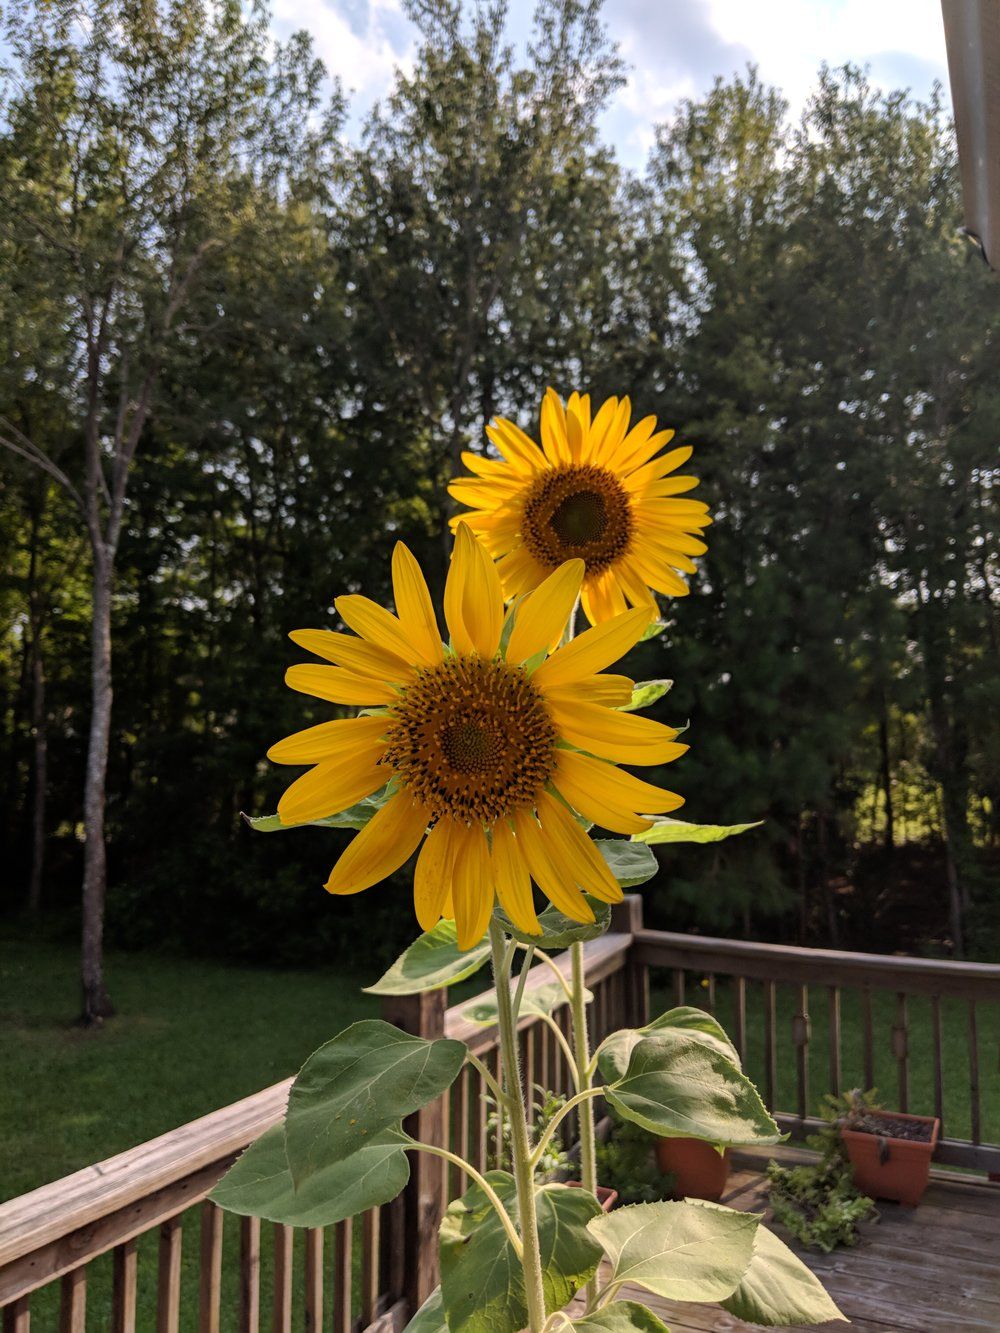 gardensunflowers2018.jpg